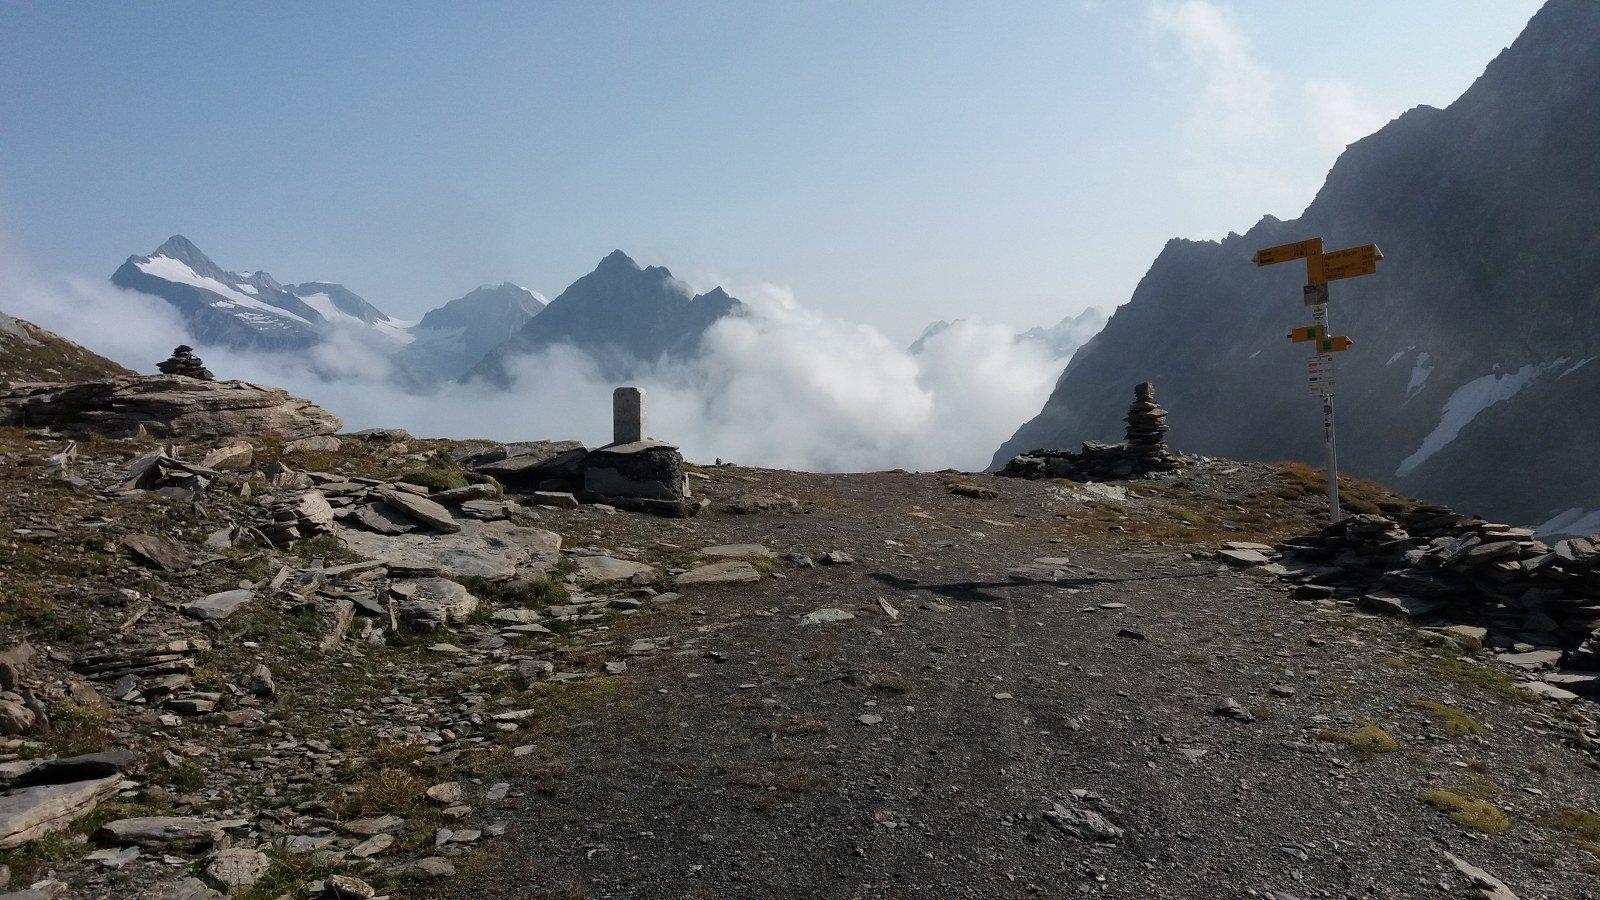 Col Fenetre e nebbie vaganti in Svizzera